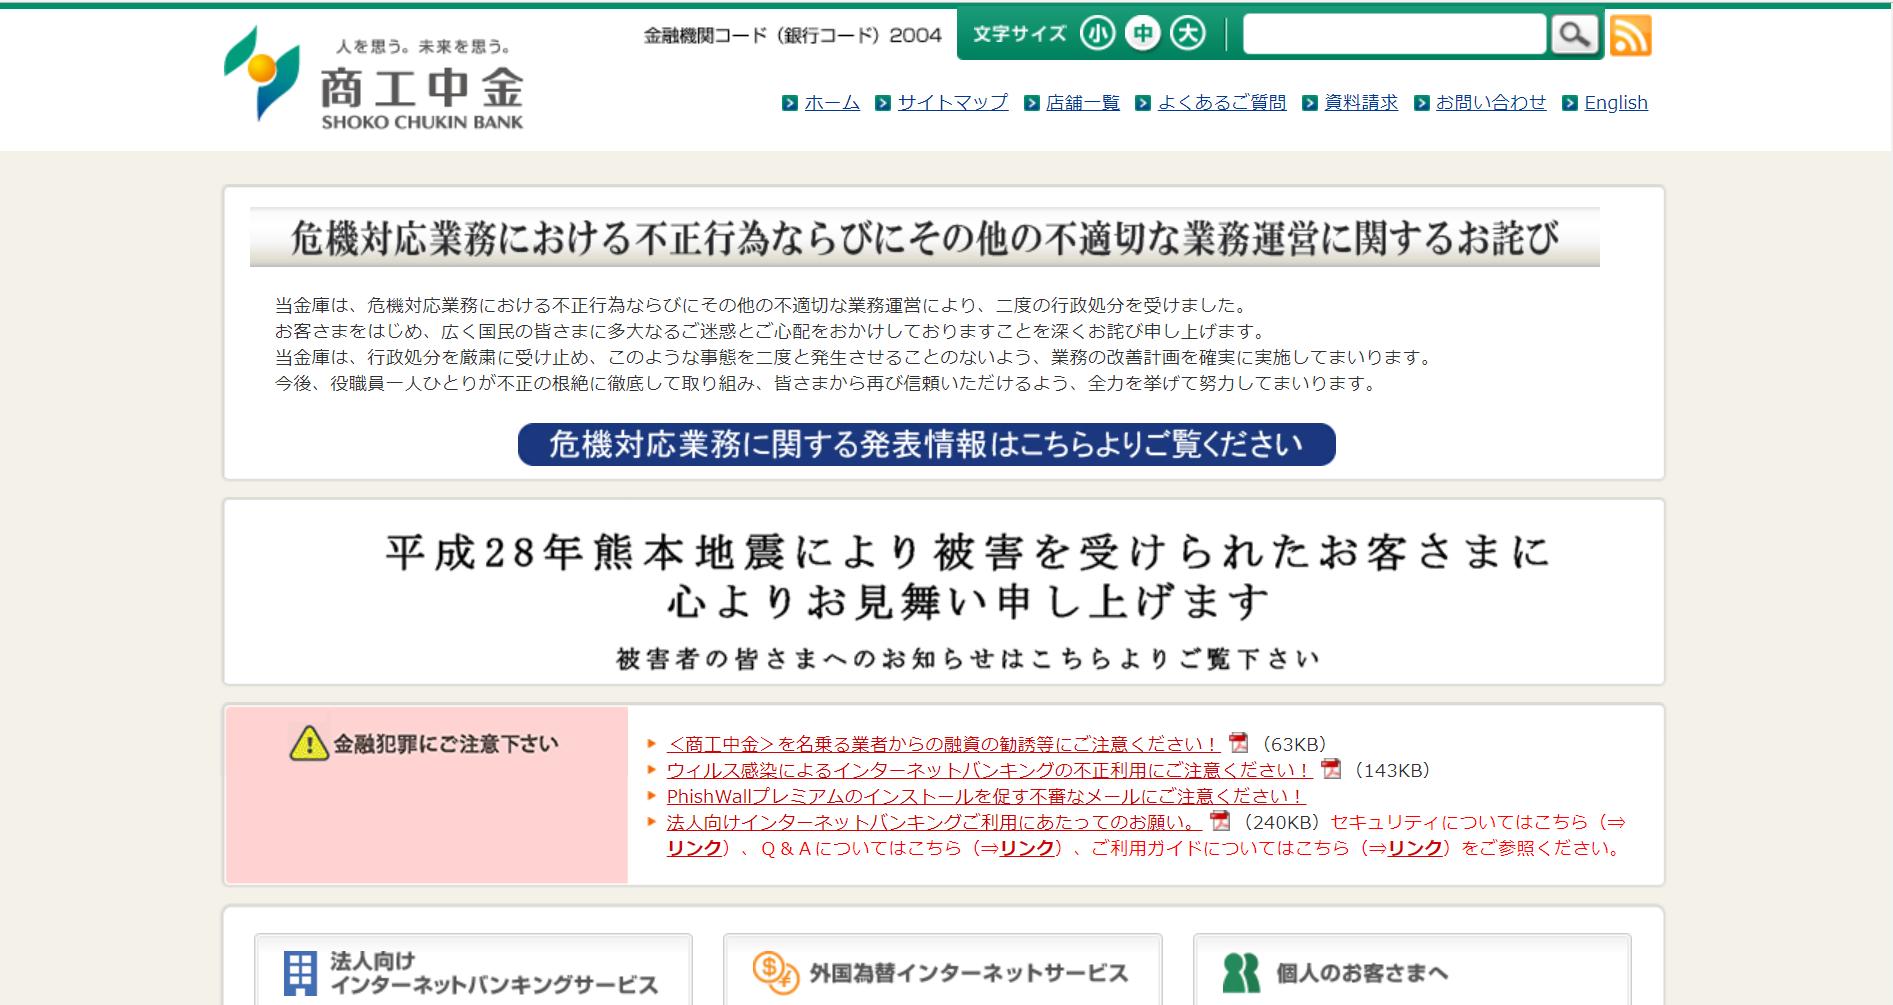 北日本銀行の評判・口コミは?